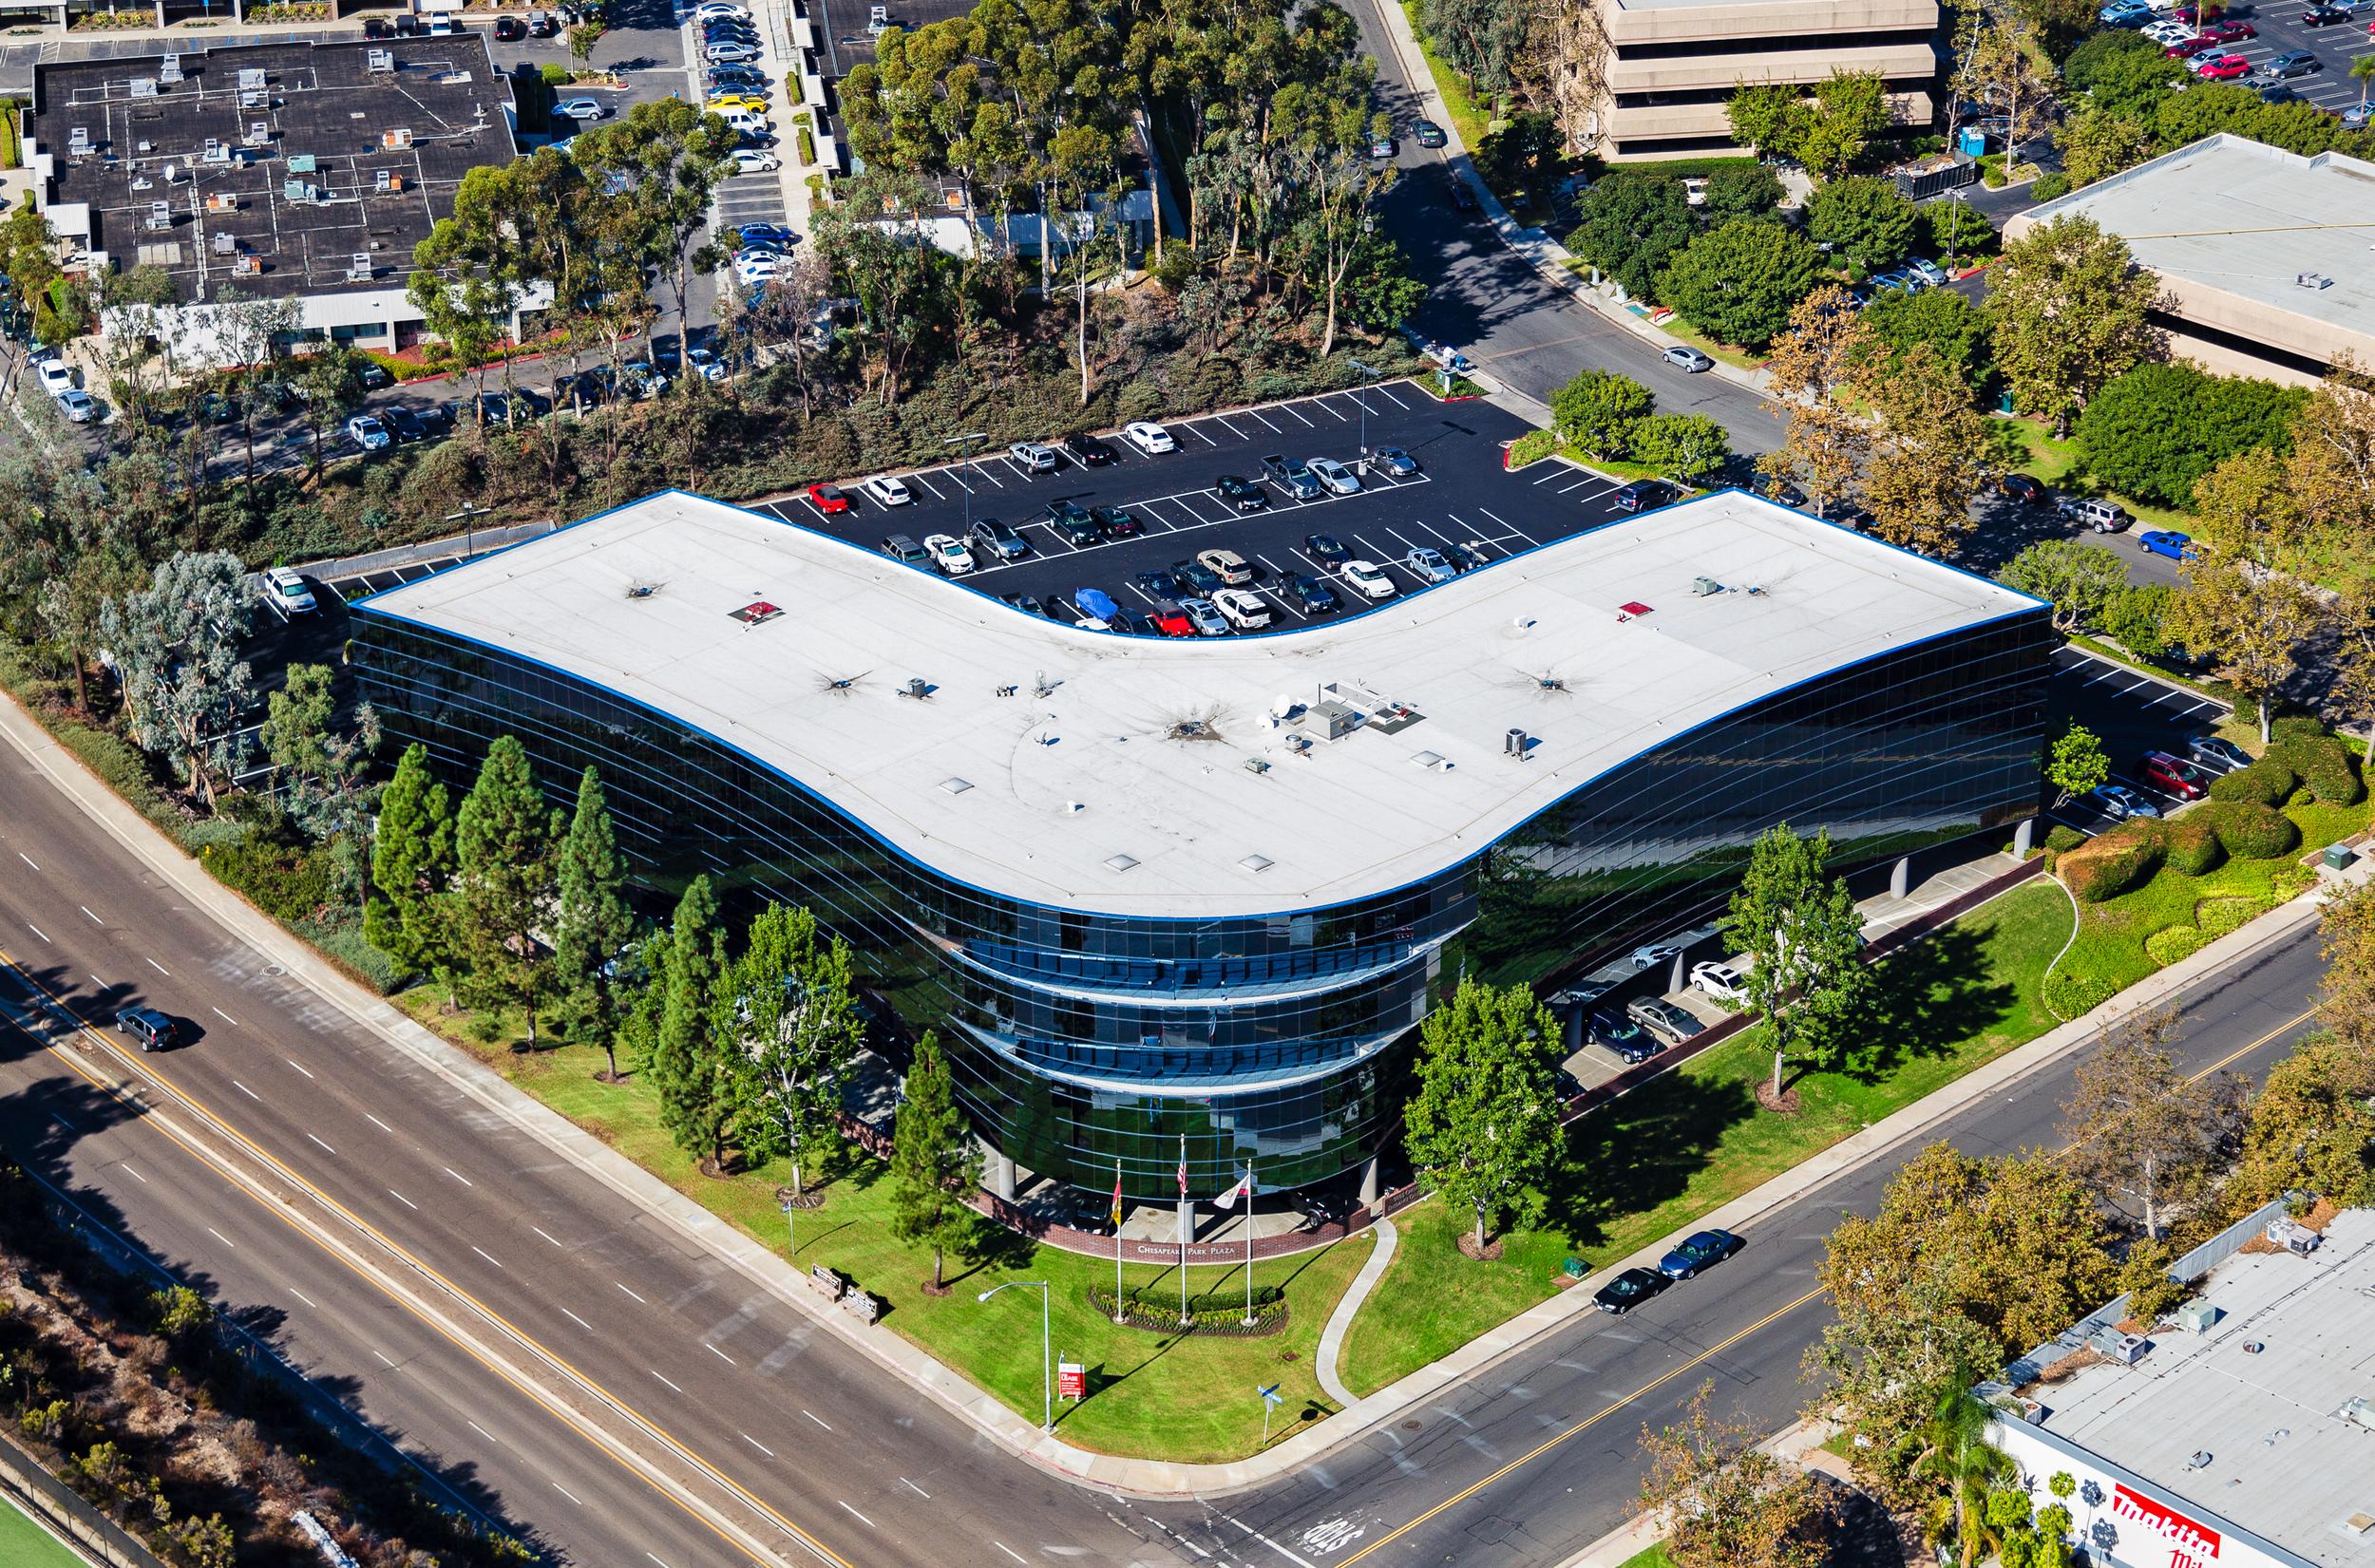 RW_San-Diego_10-18-2012-1013-Edit.jpg